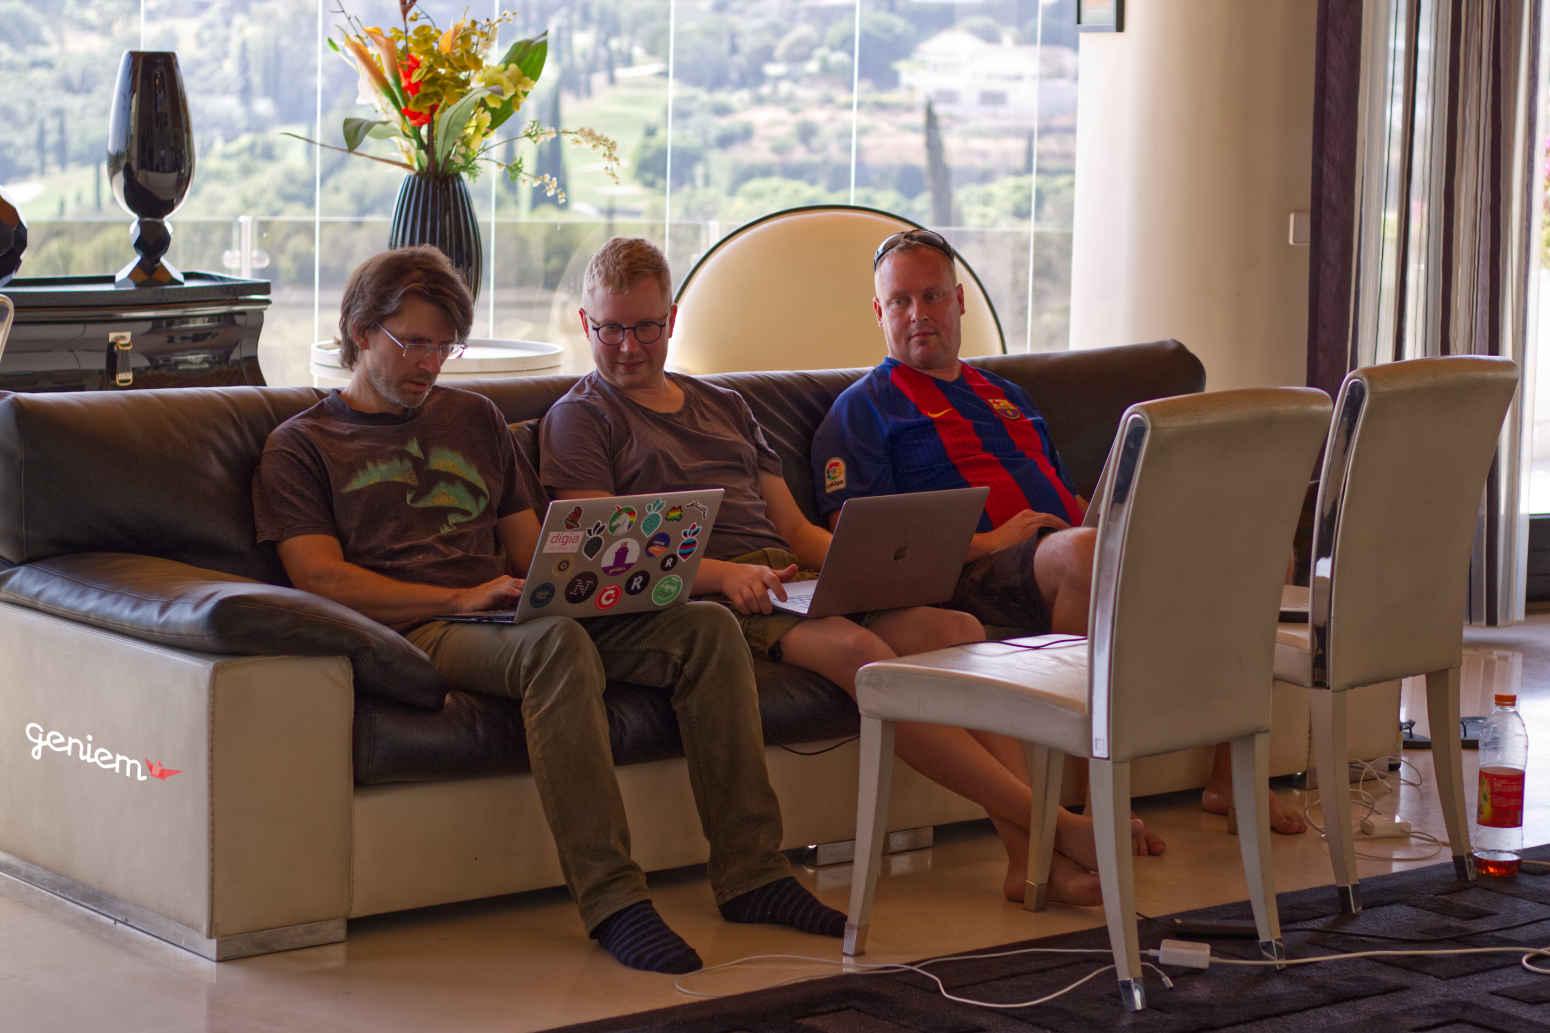 Geniemin Team Buildie tekmässä töitä sisätiloissa